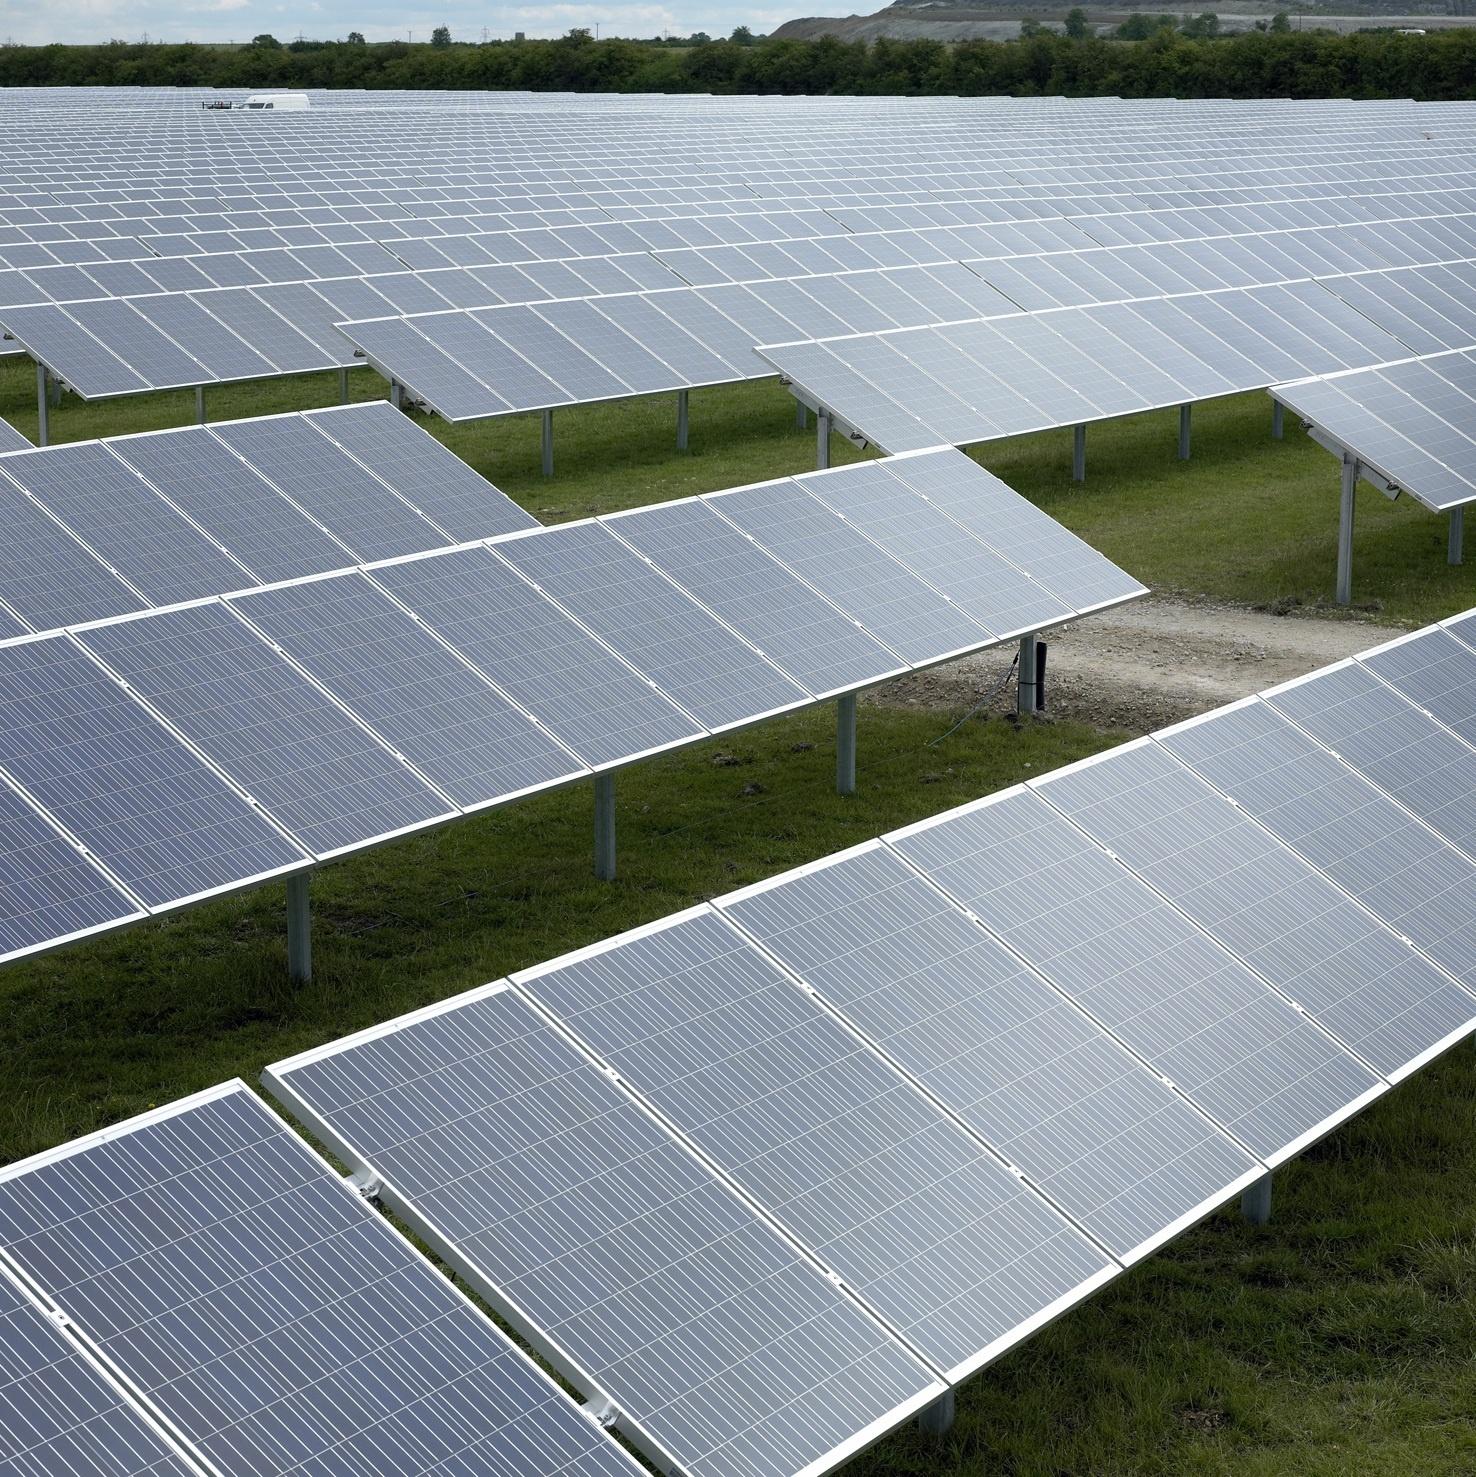 La estadounidense Kawa comprará las unidades de ventas de Conergy, incluida la filial en España